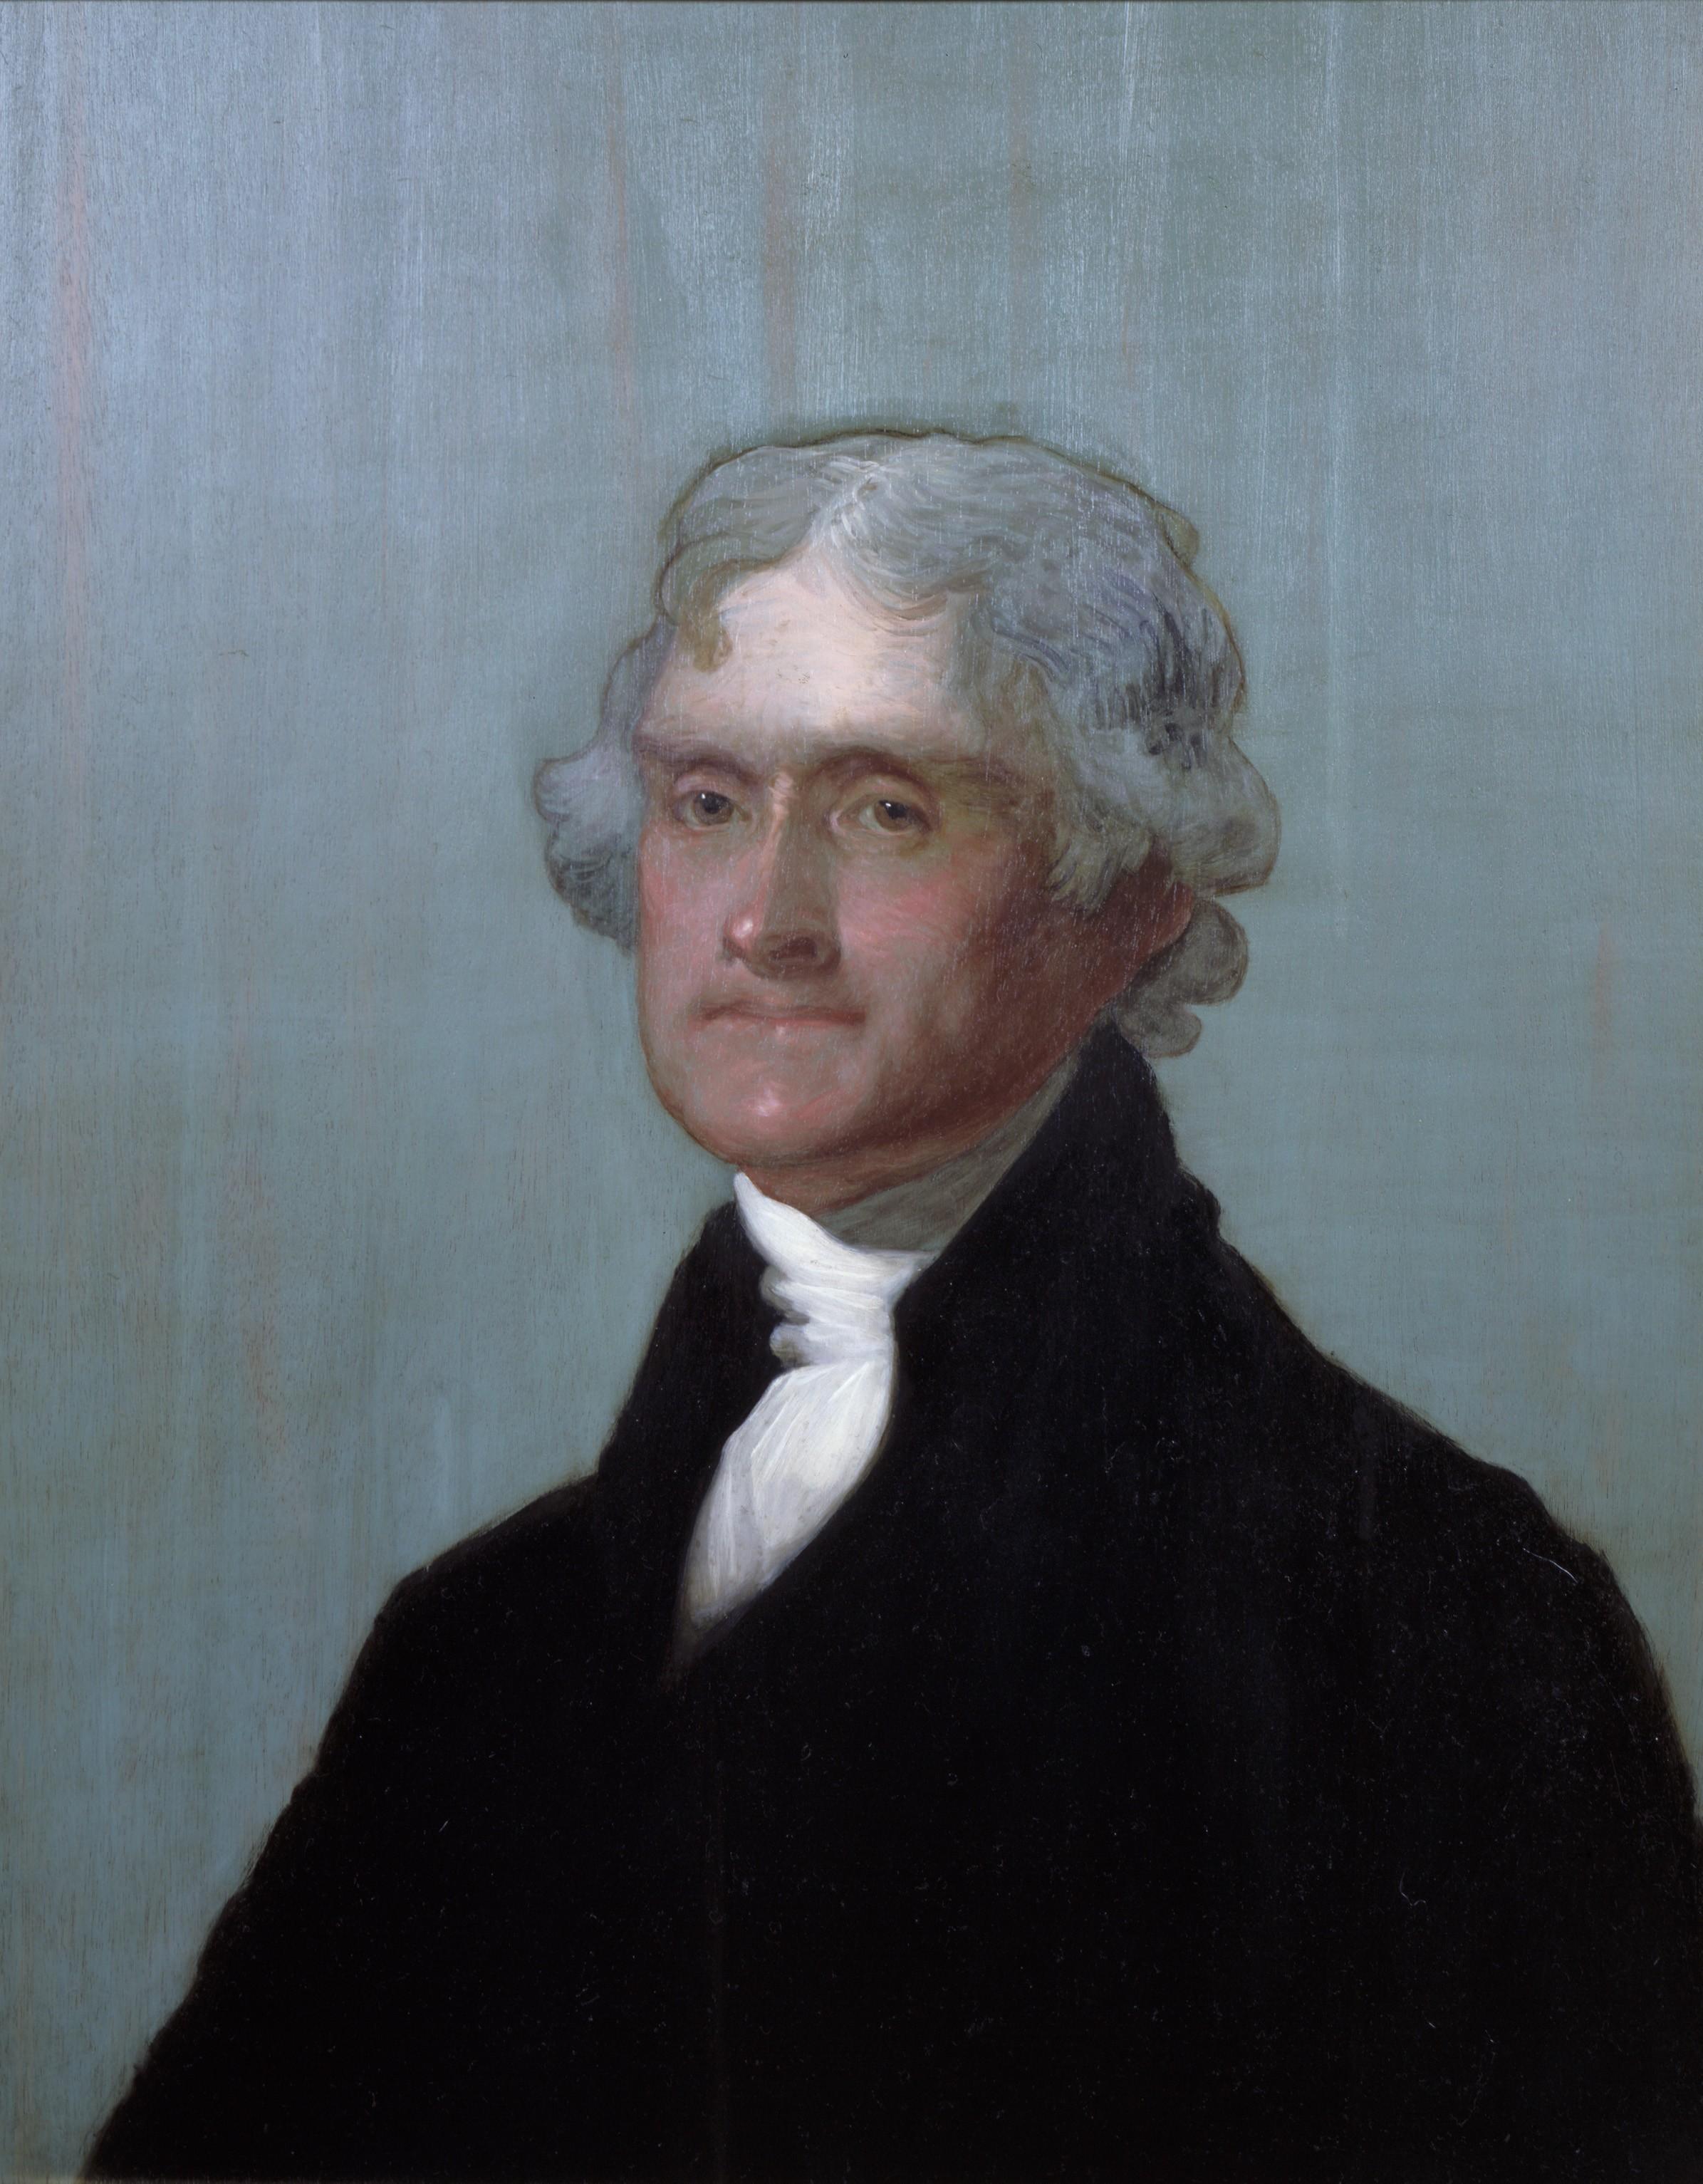 2004 — Thomas Jefferson's Legacy